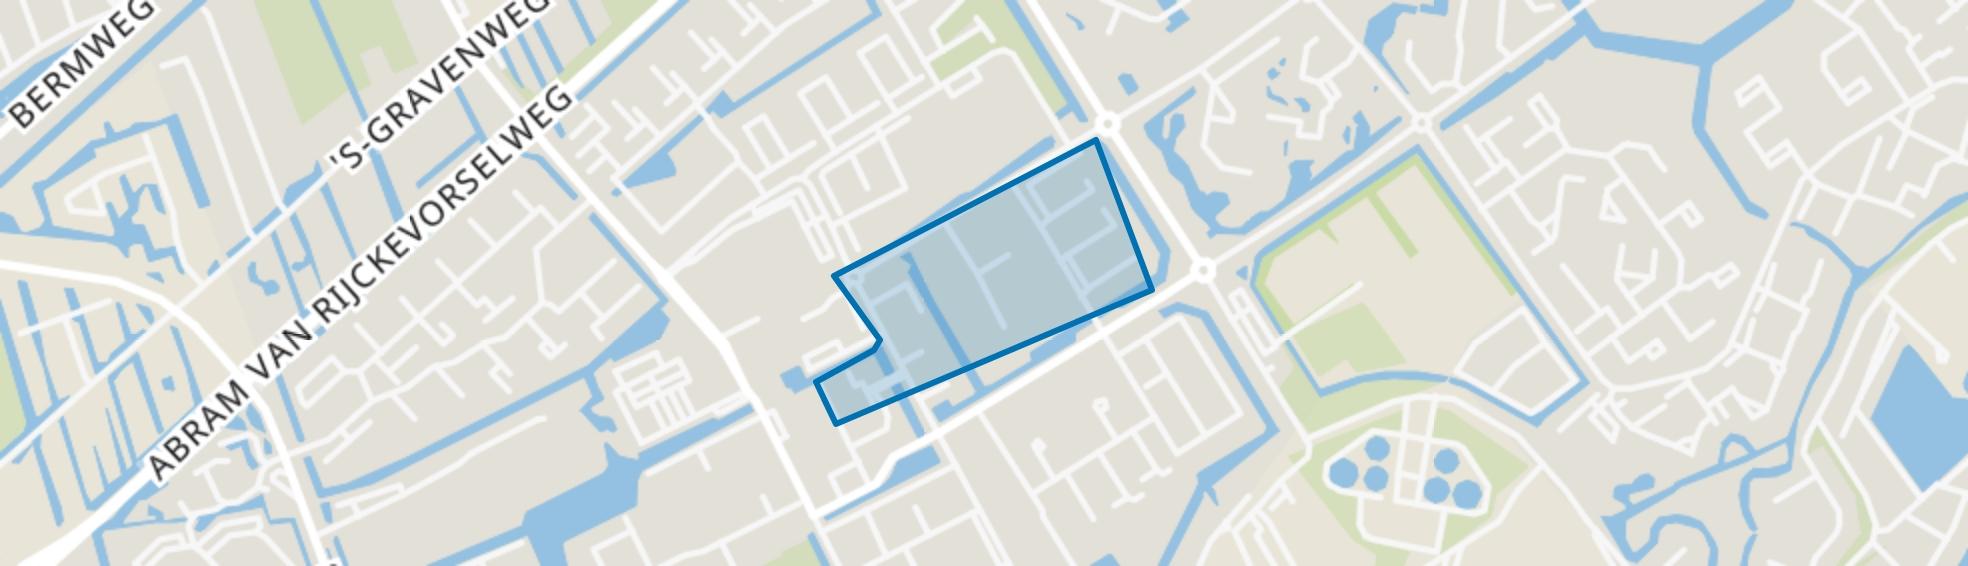 Alkenoord, Capelle aan den IJssel map